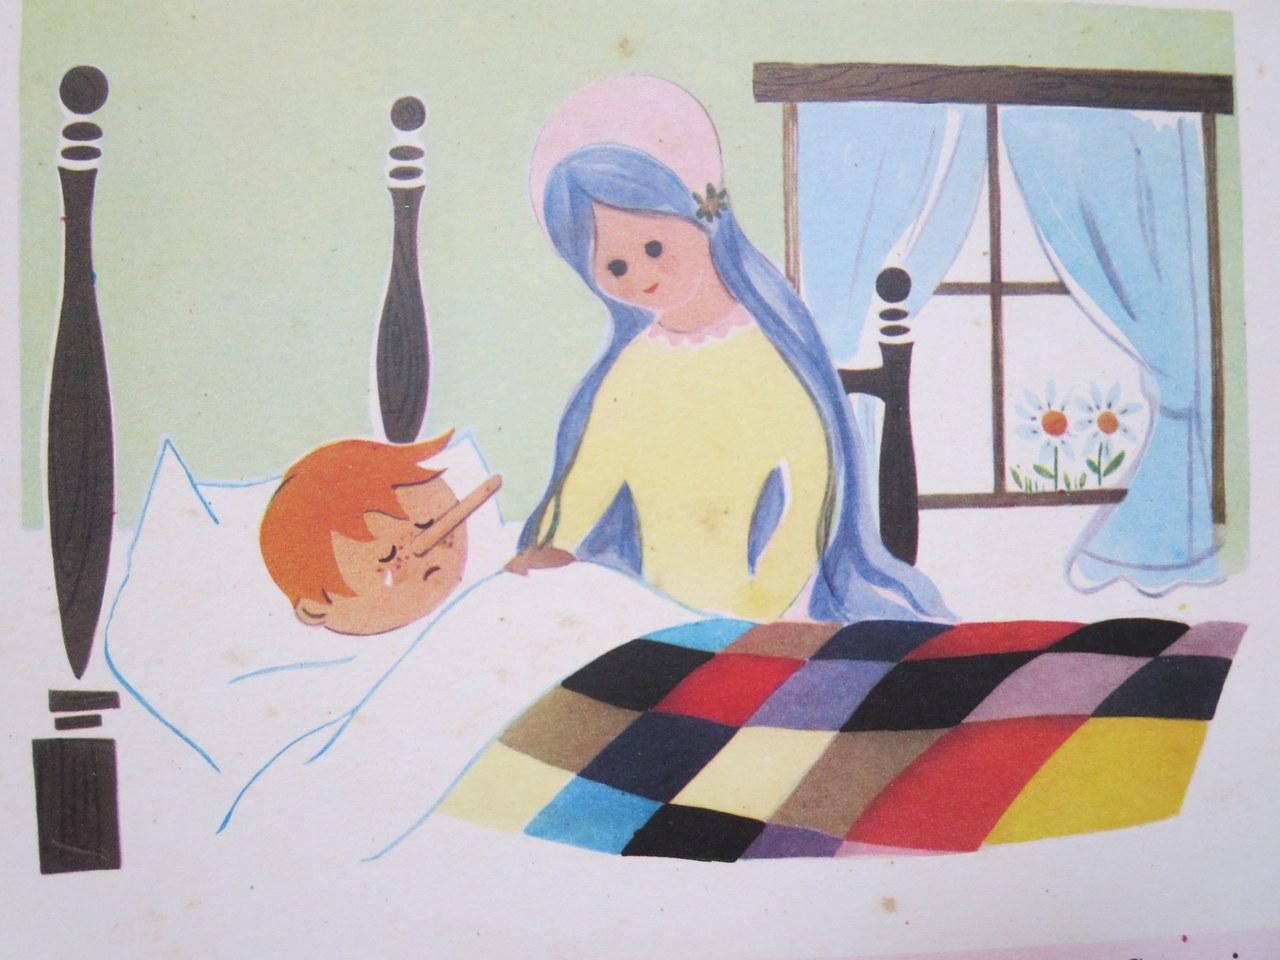 Fig. 3. Pina Totoro, Pinocchio nella cameretta dalle pareti di madreperla